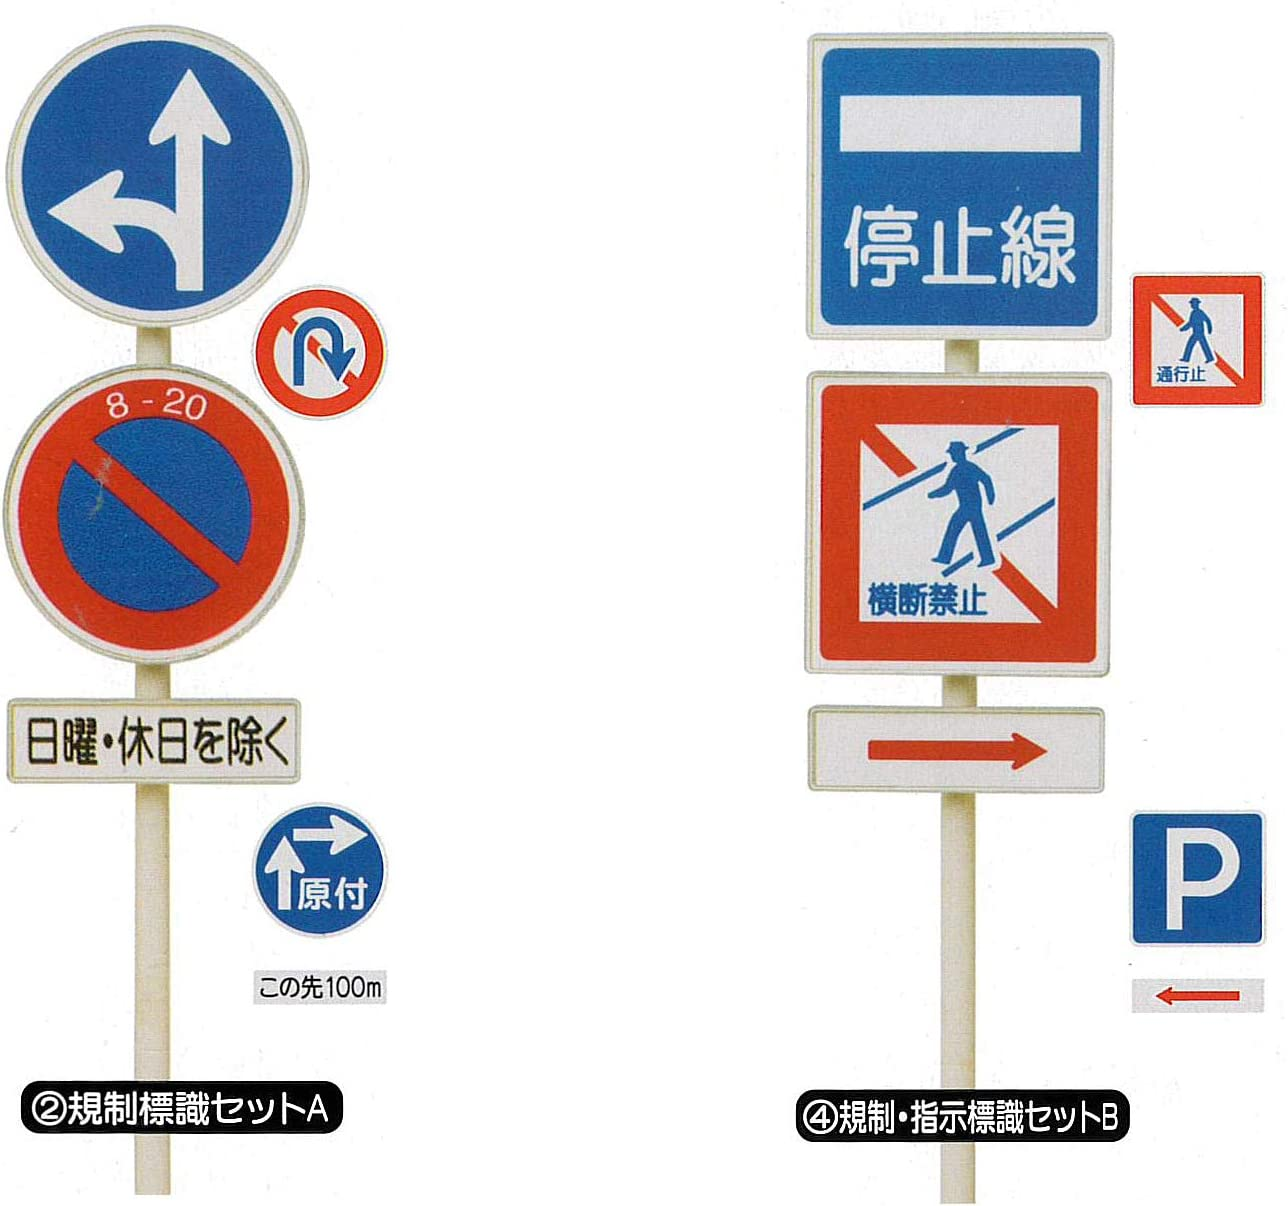 は 車両 横断 禁止 と